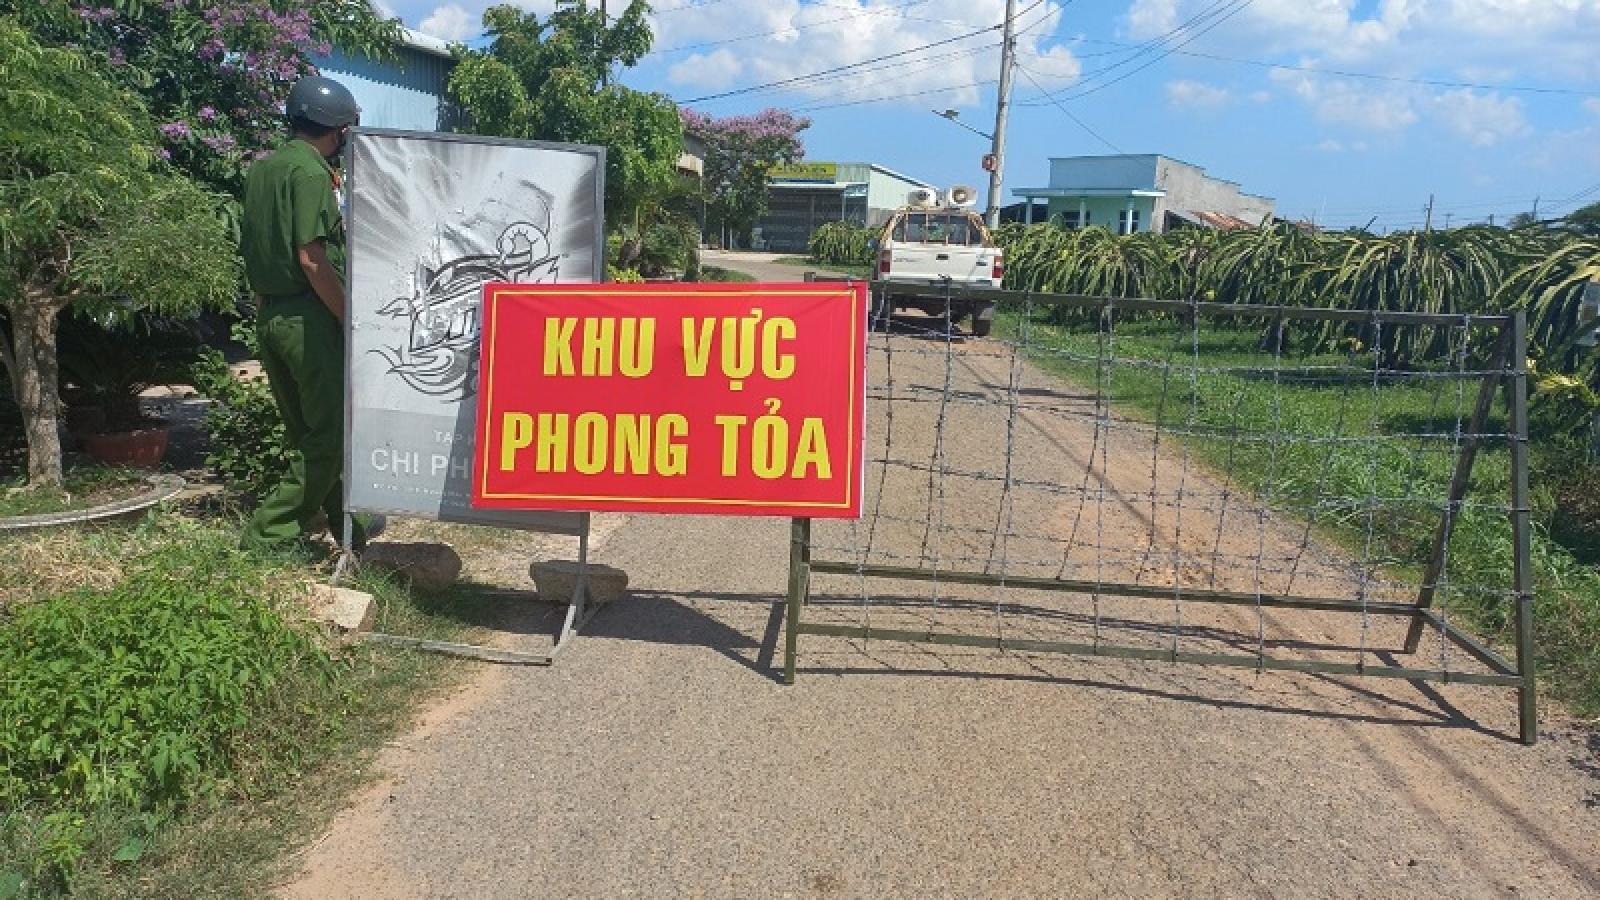 Bình Thuận ghi nhận trường hợp dương tính SARS-CoV-2 về từ Đồng Nai